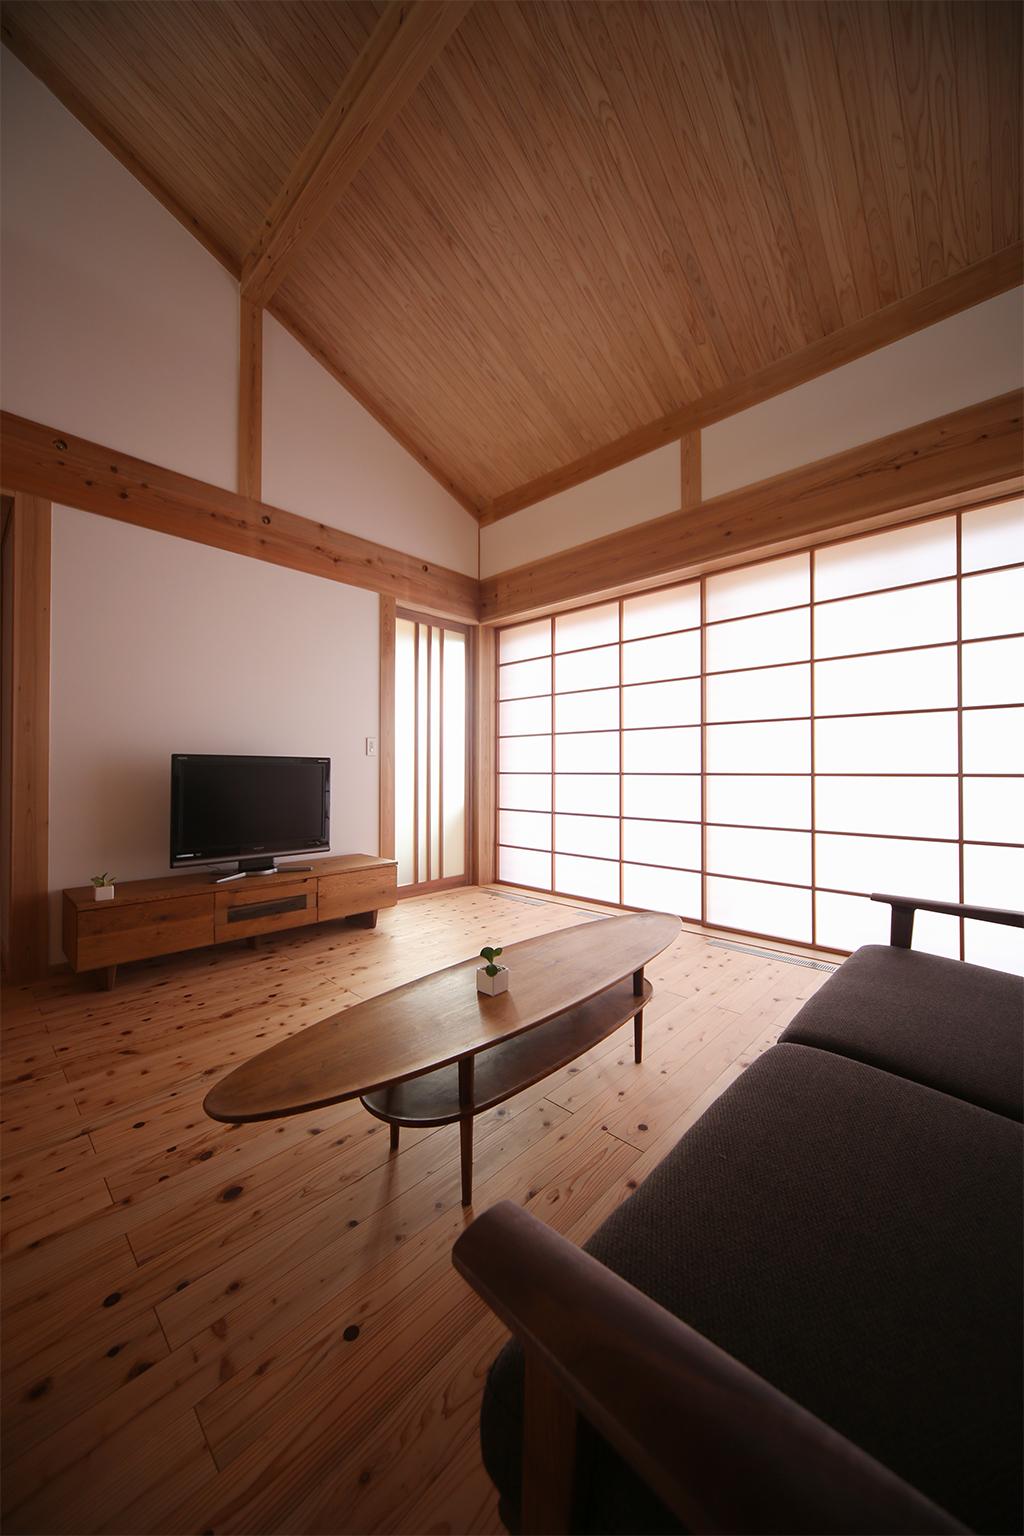 姫路市の木の家  障子を閉めて落ち着く空間